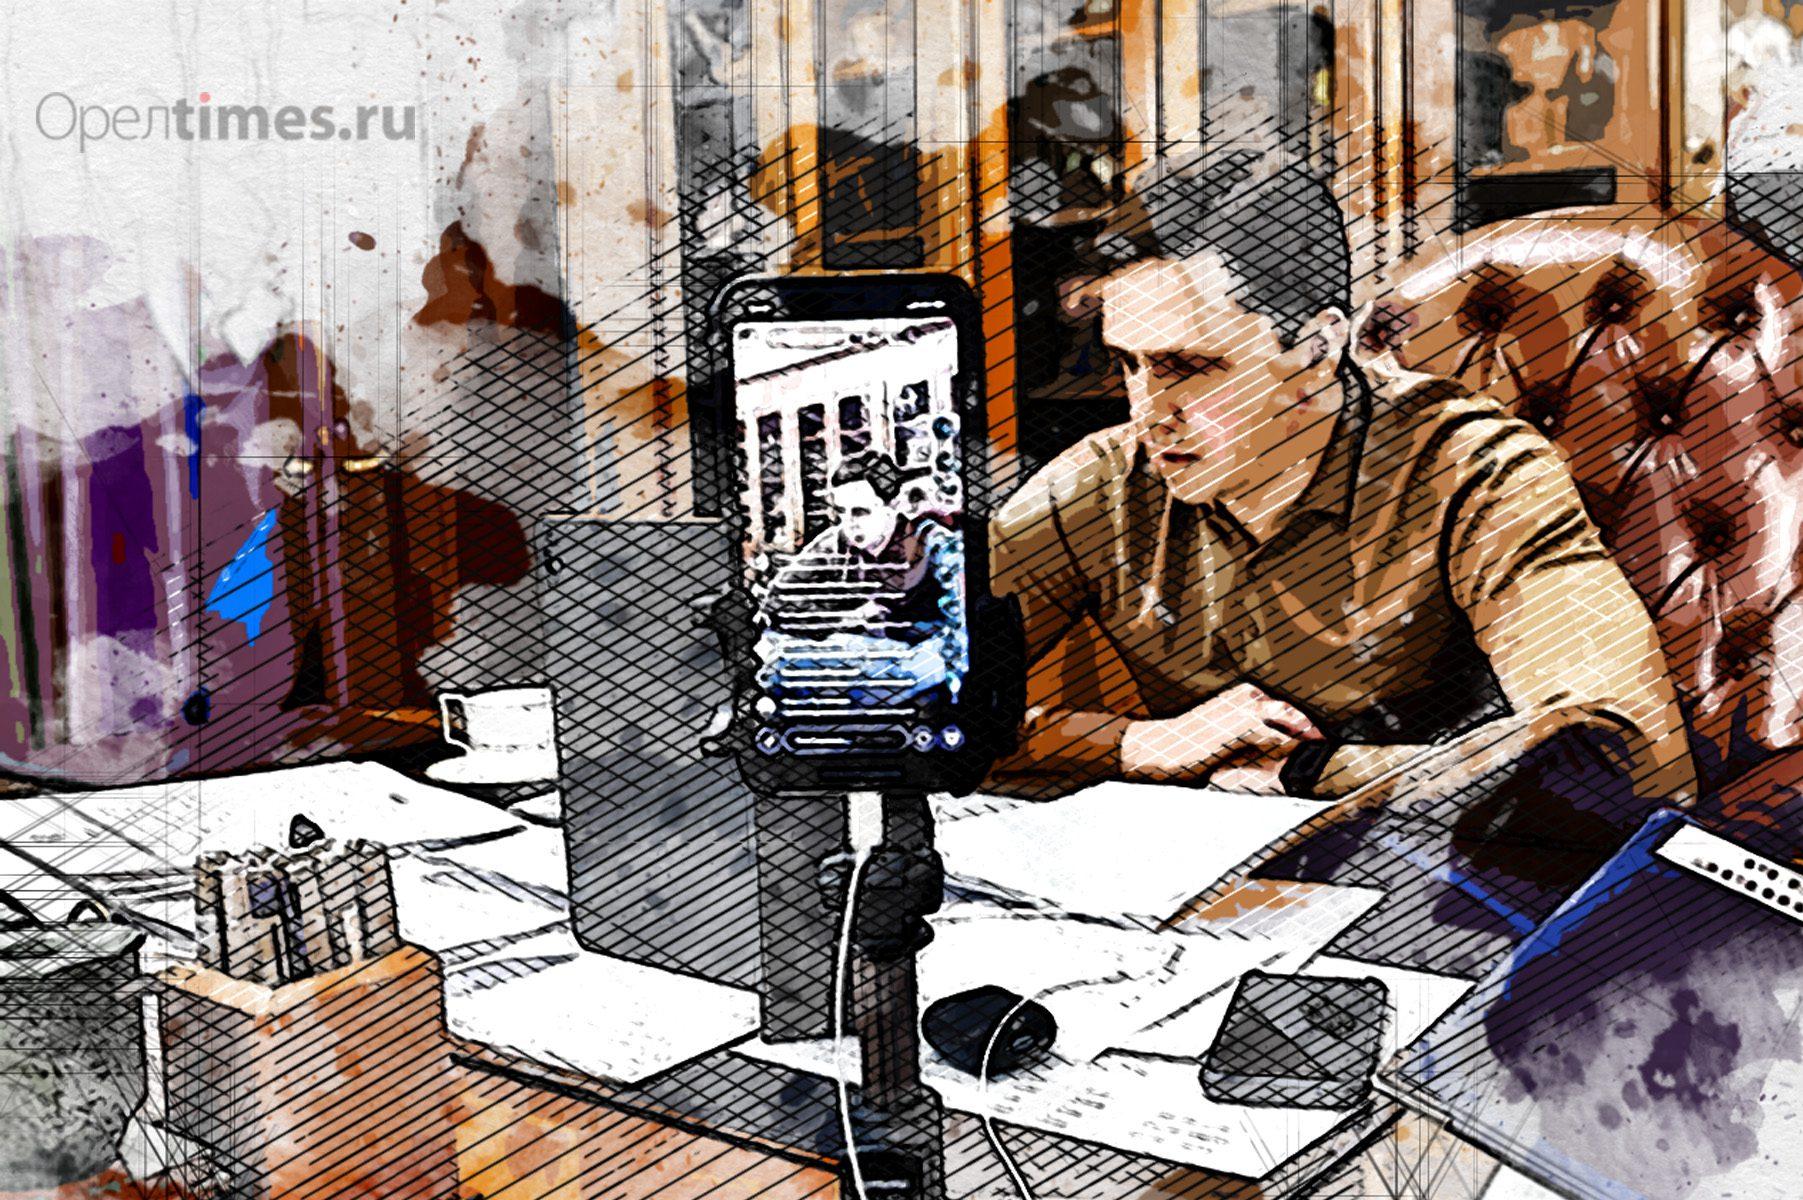 Орловский губернатор о ситуации на «скорой»: « Я даже не хочу вдаваться в подробности»